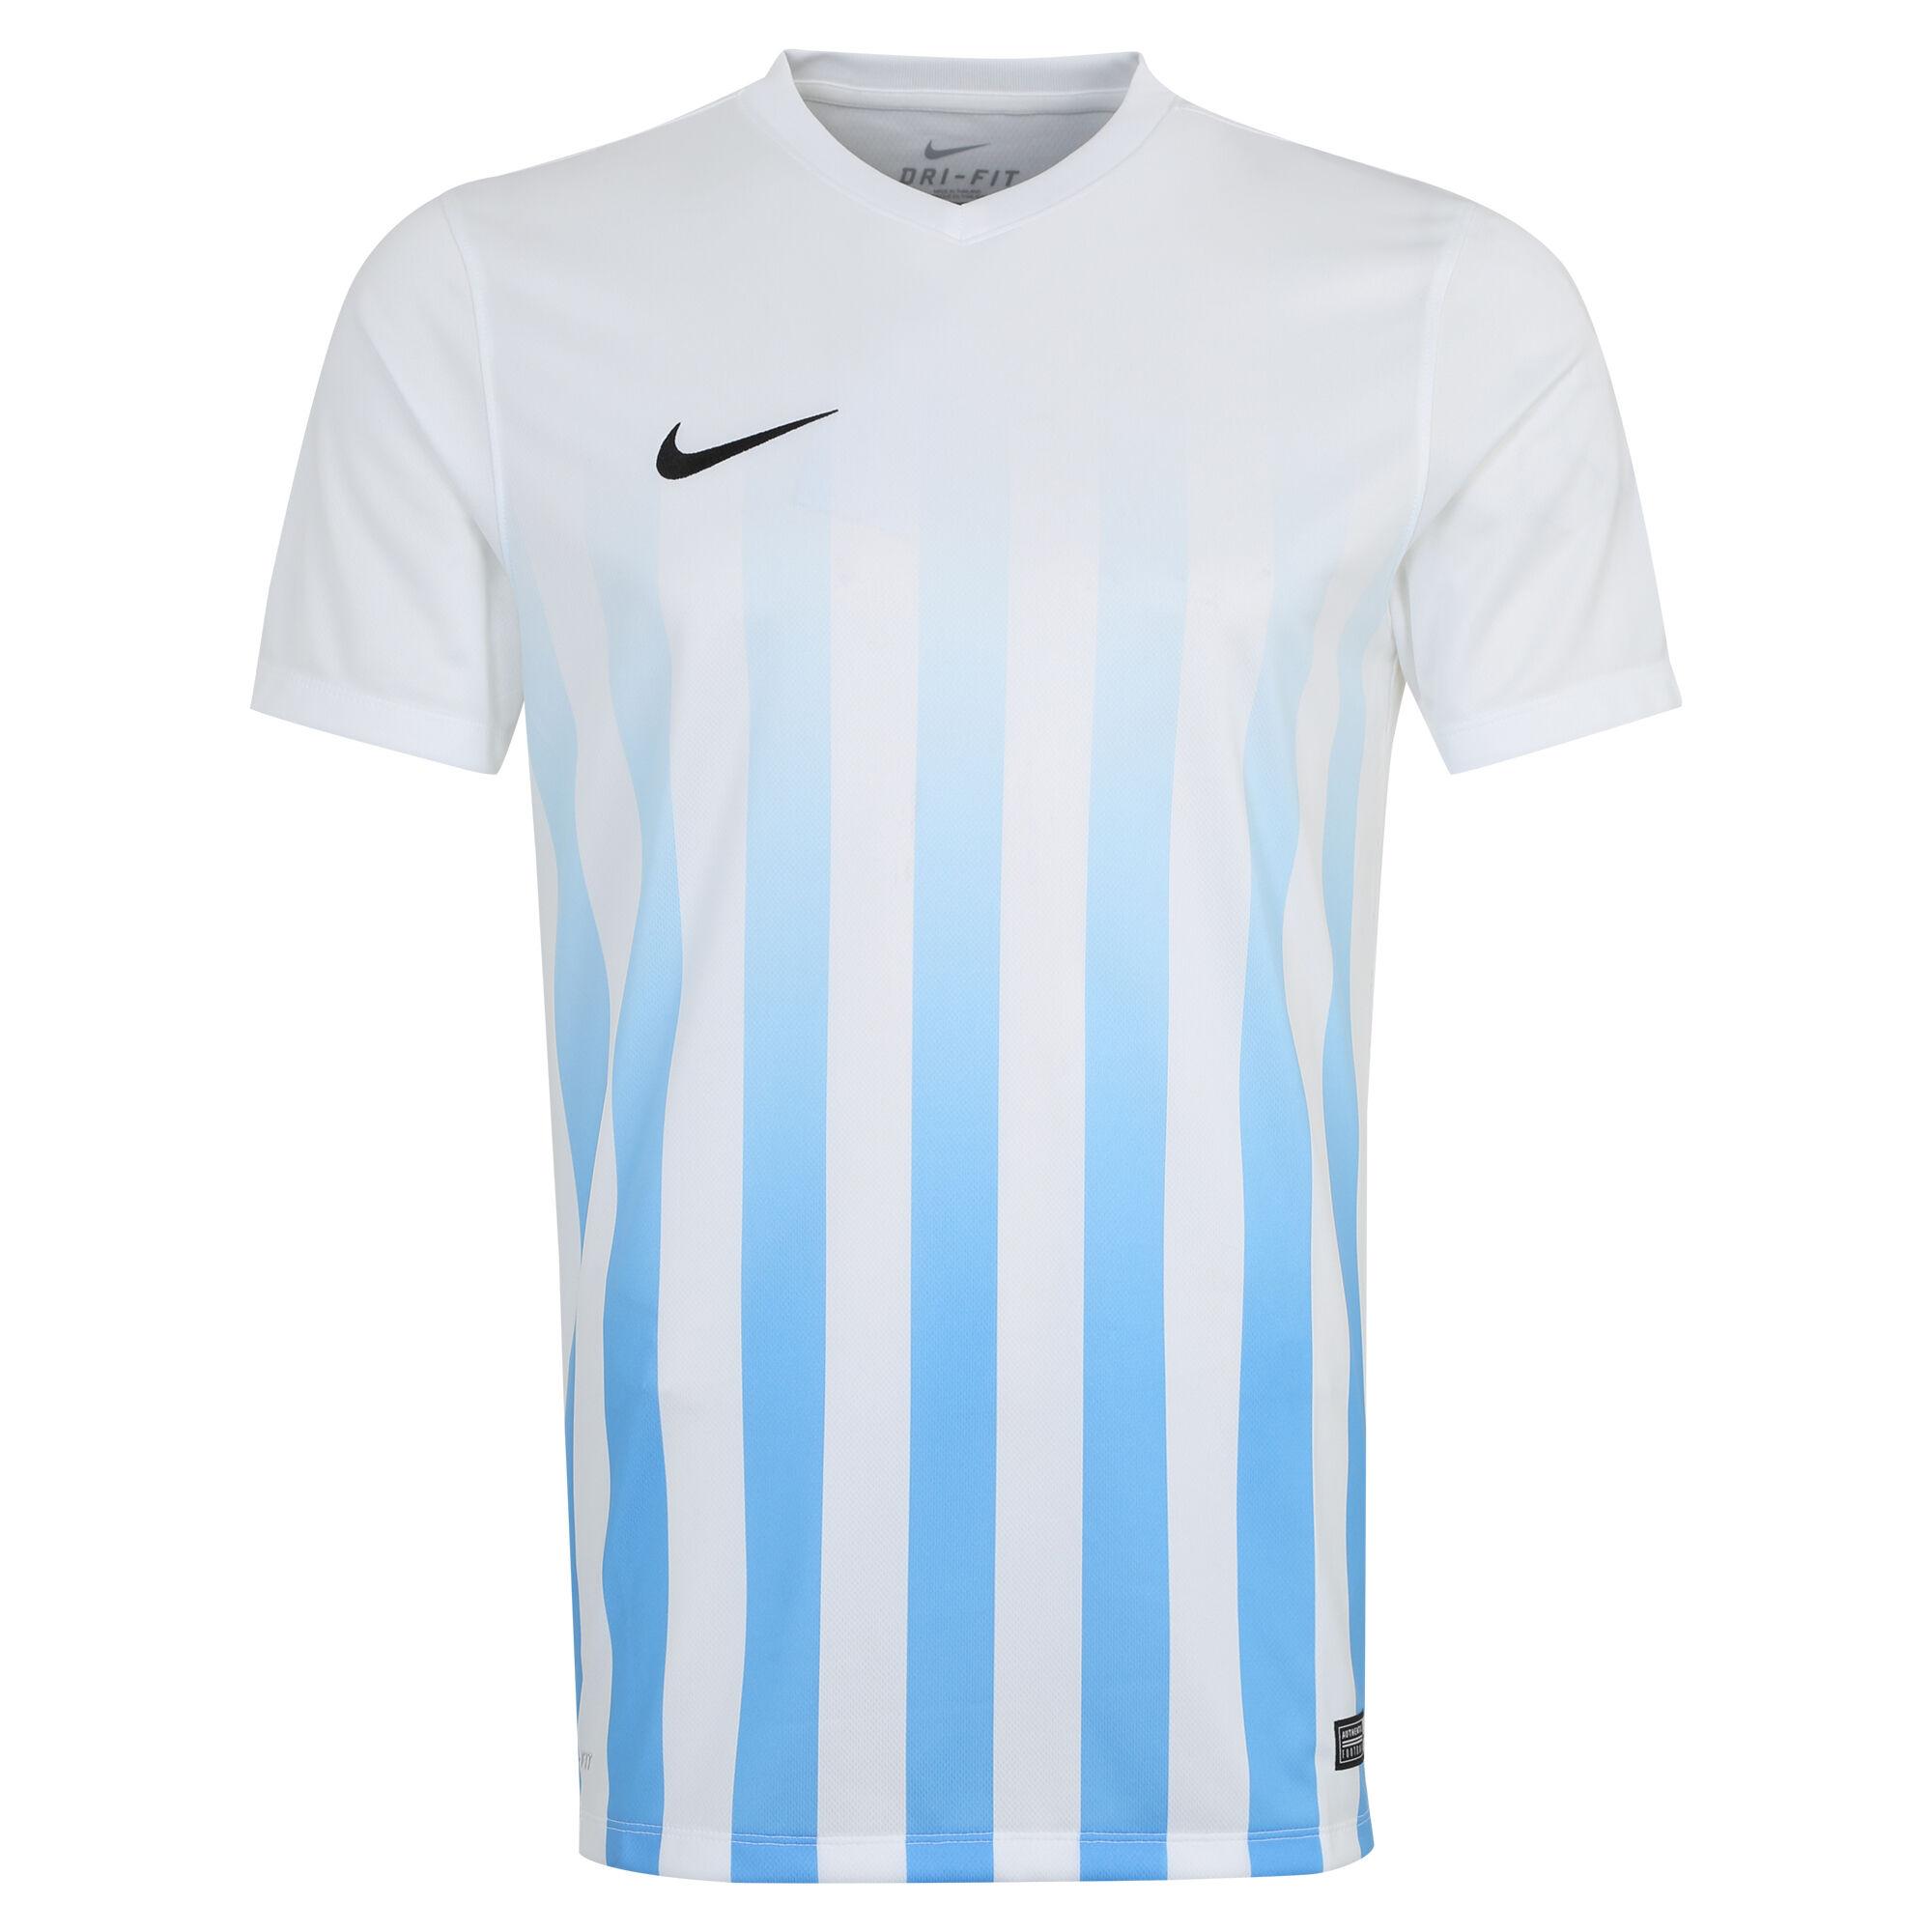 ... Striped Division II Fußballtrikot Herren, Weiß, zoom bei OUTFITTER  Online ...